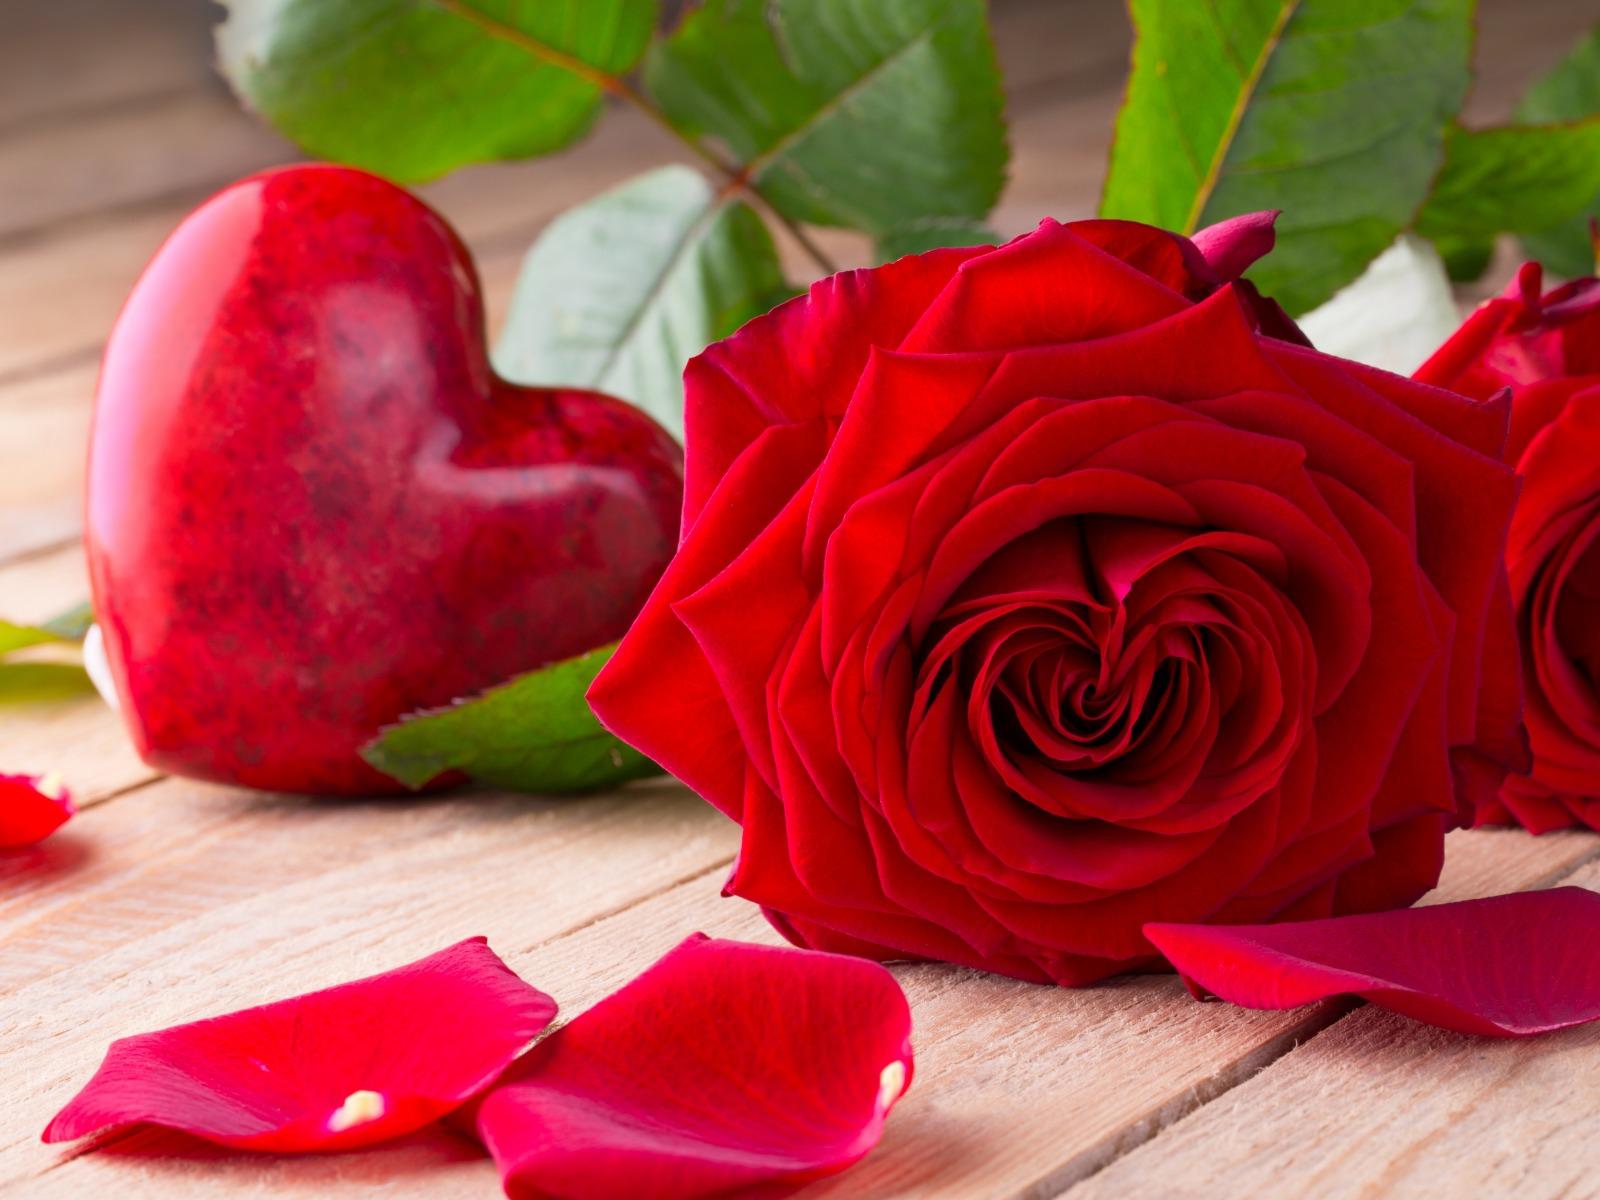 بالصور صور الورد , اجمل ورد ممكن تشوفه 3094